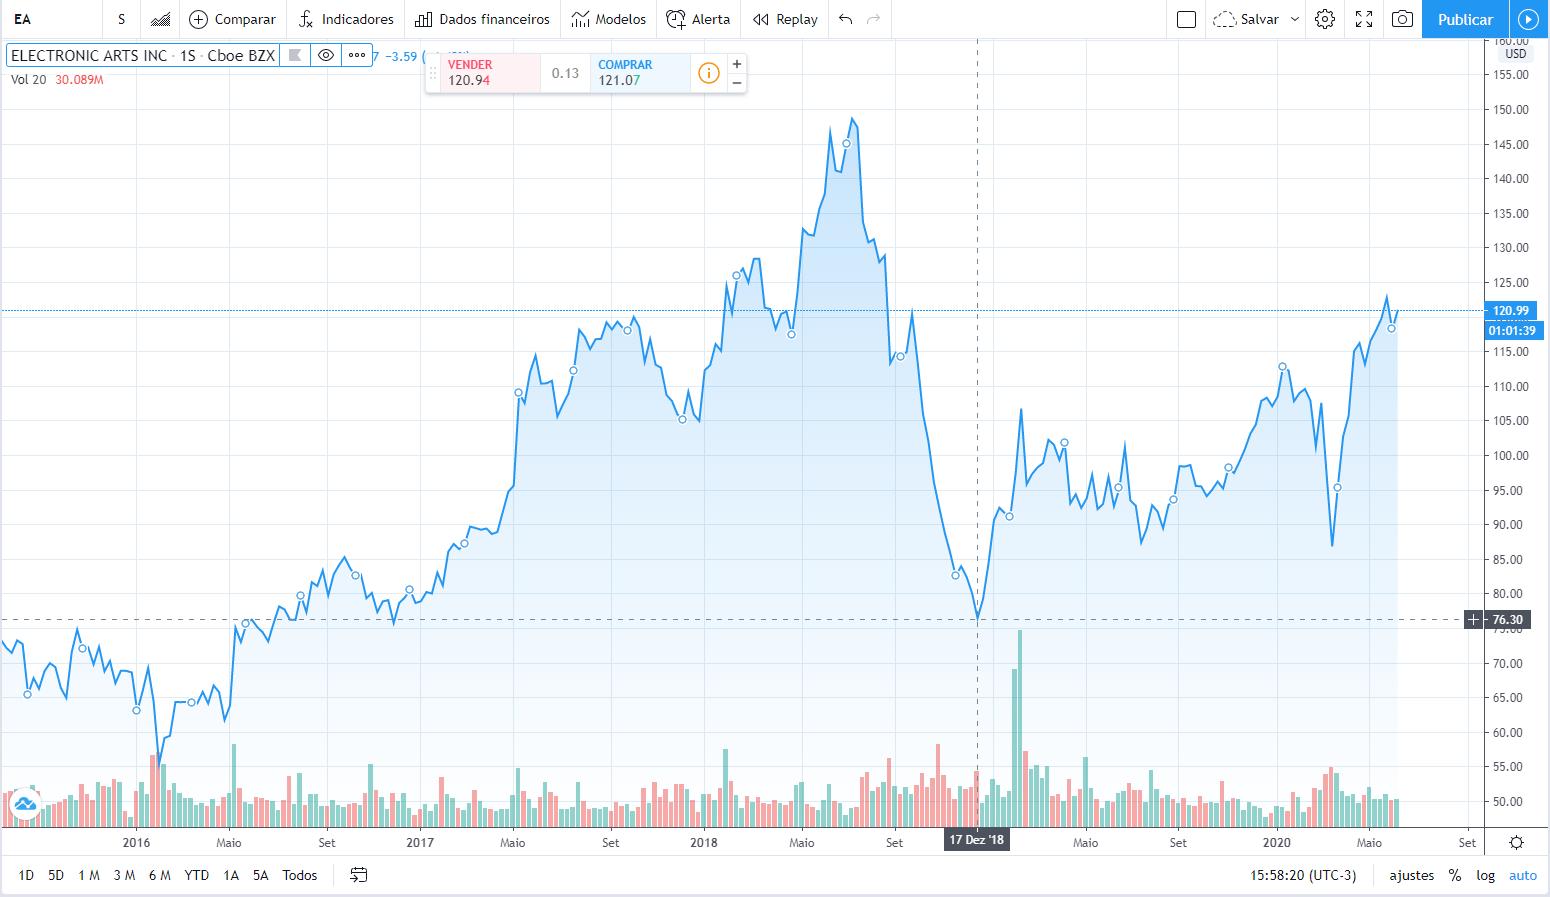 Valor de ações da Electronic Arts